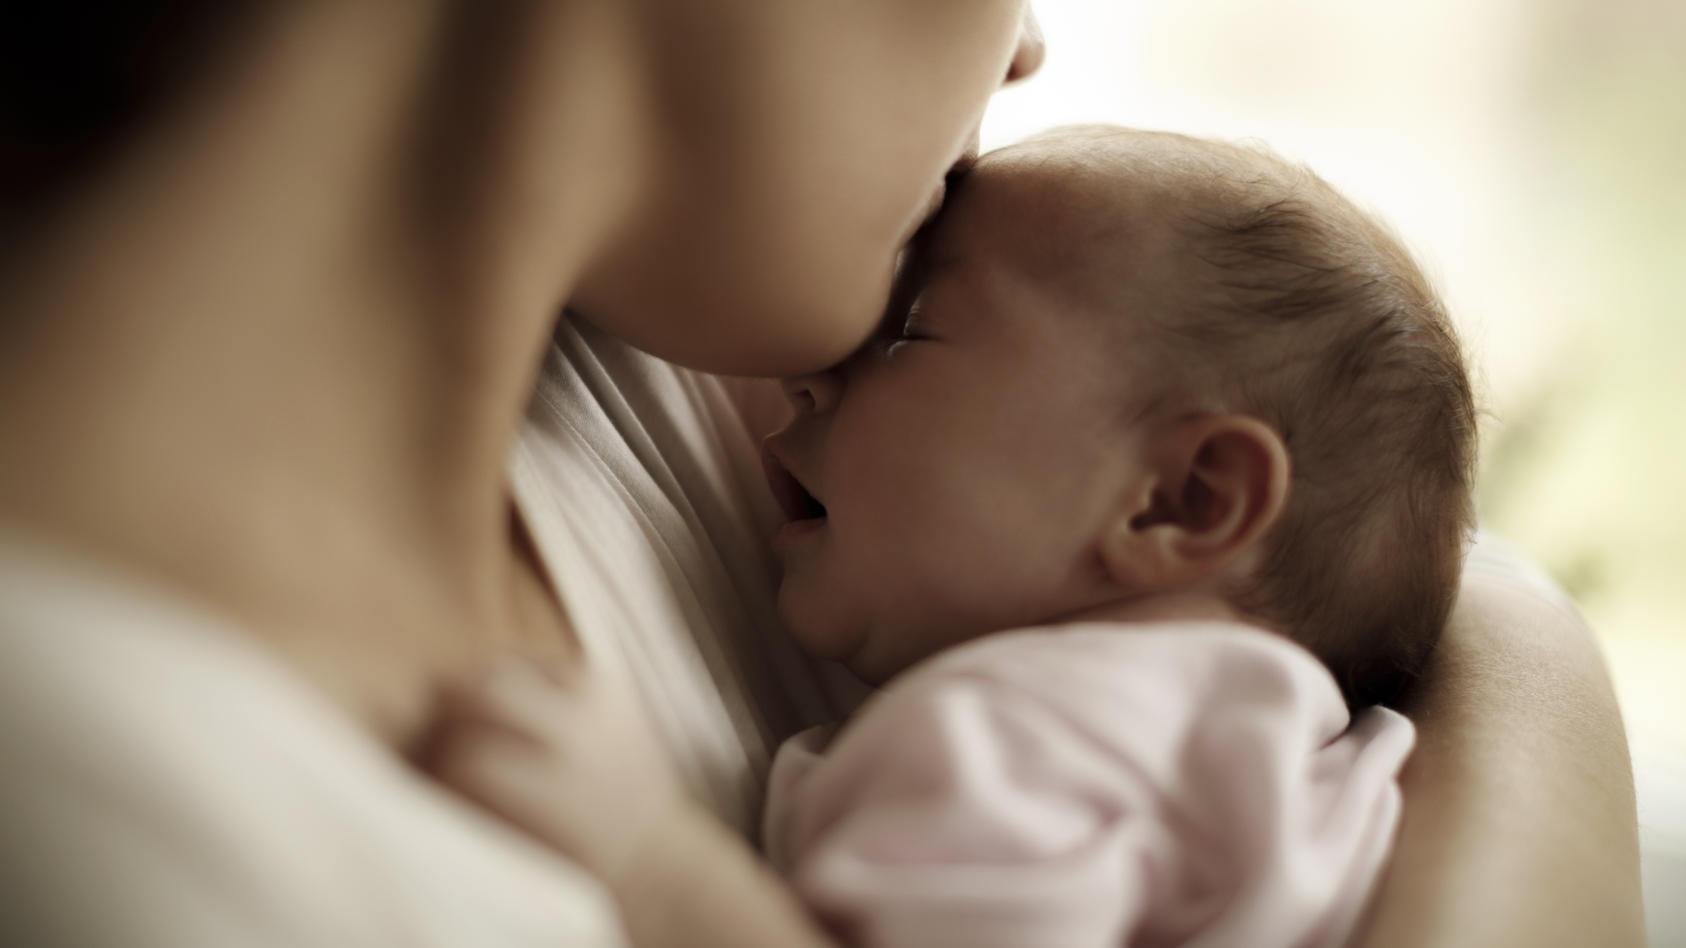 Wenn das Baby ohne Analöffnung auf die Welt kommt, kann das mit einer Operation erfolgreich behoben werden.